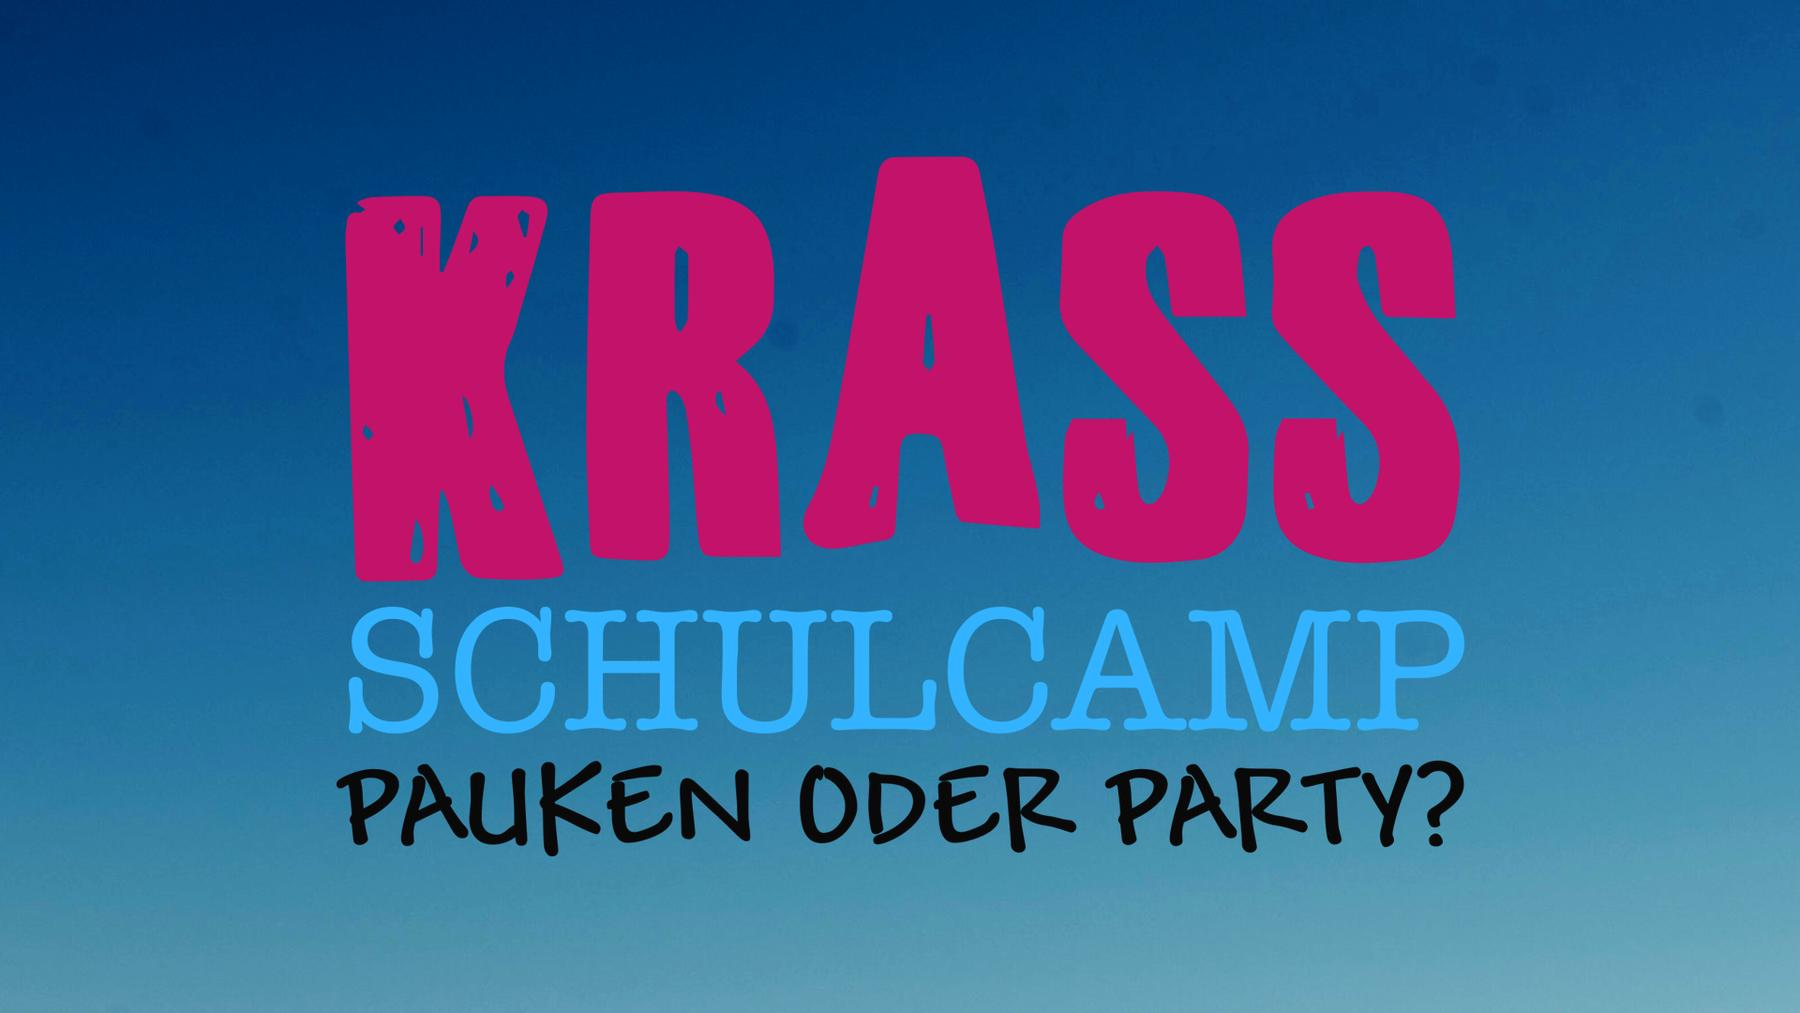 Krass Schulcamp - Pauken oder Party?